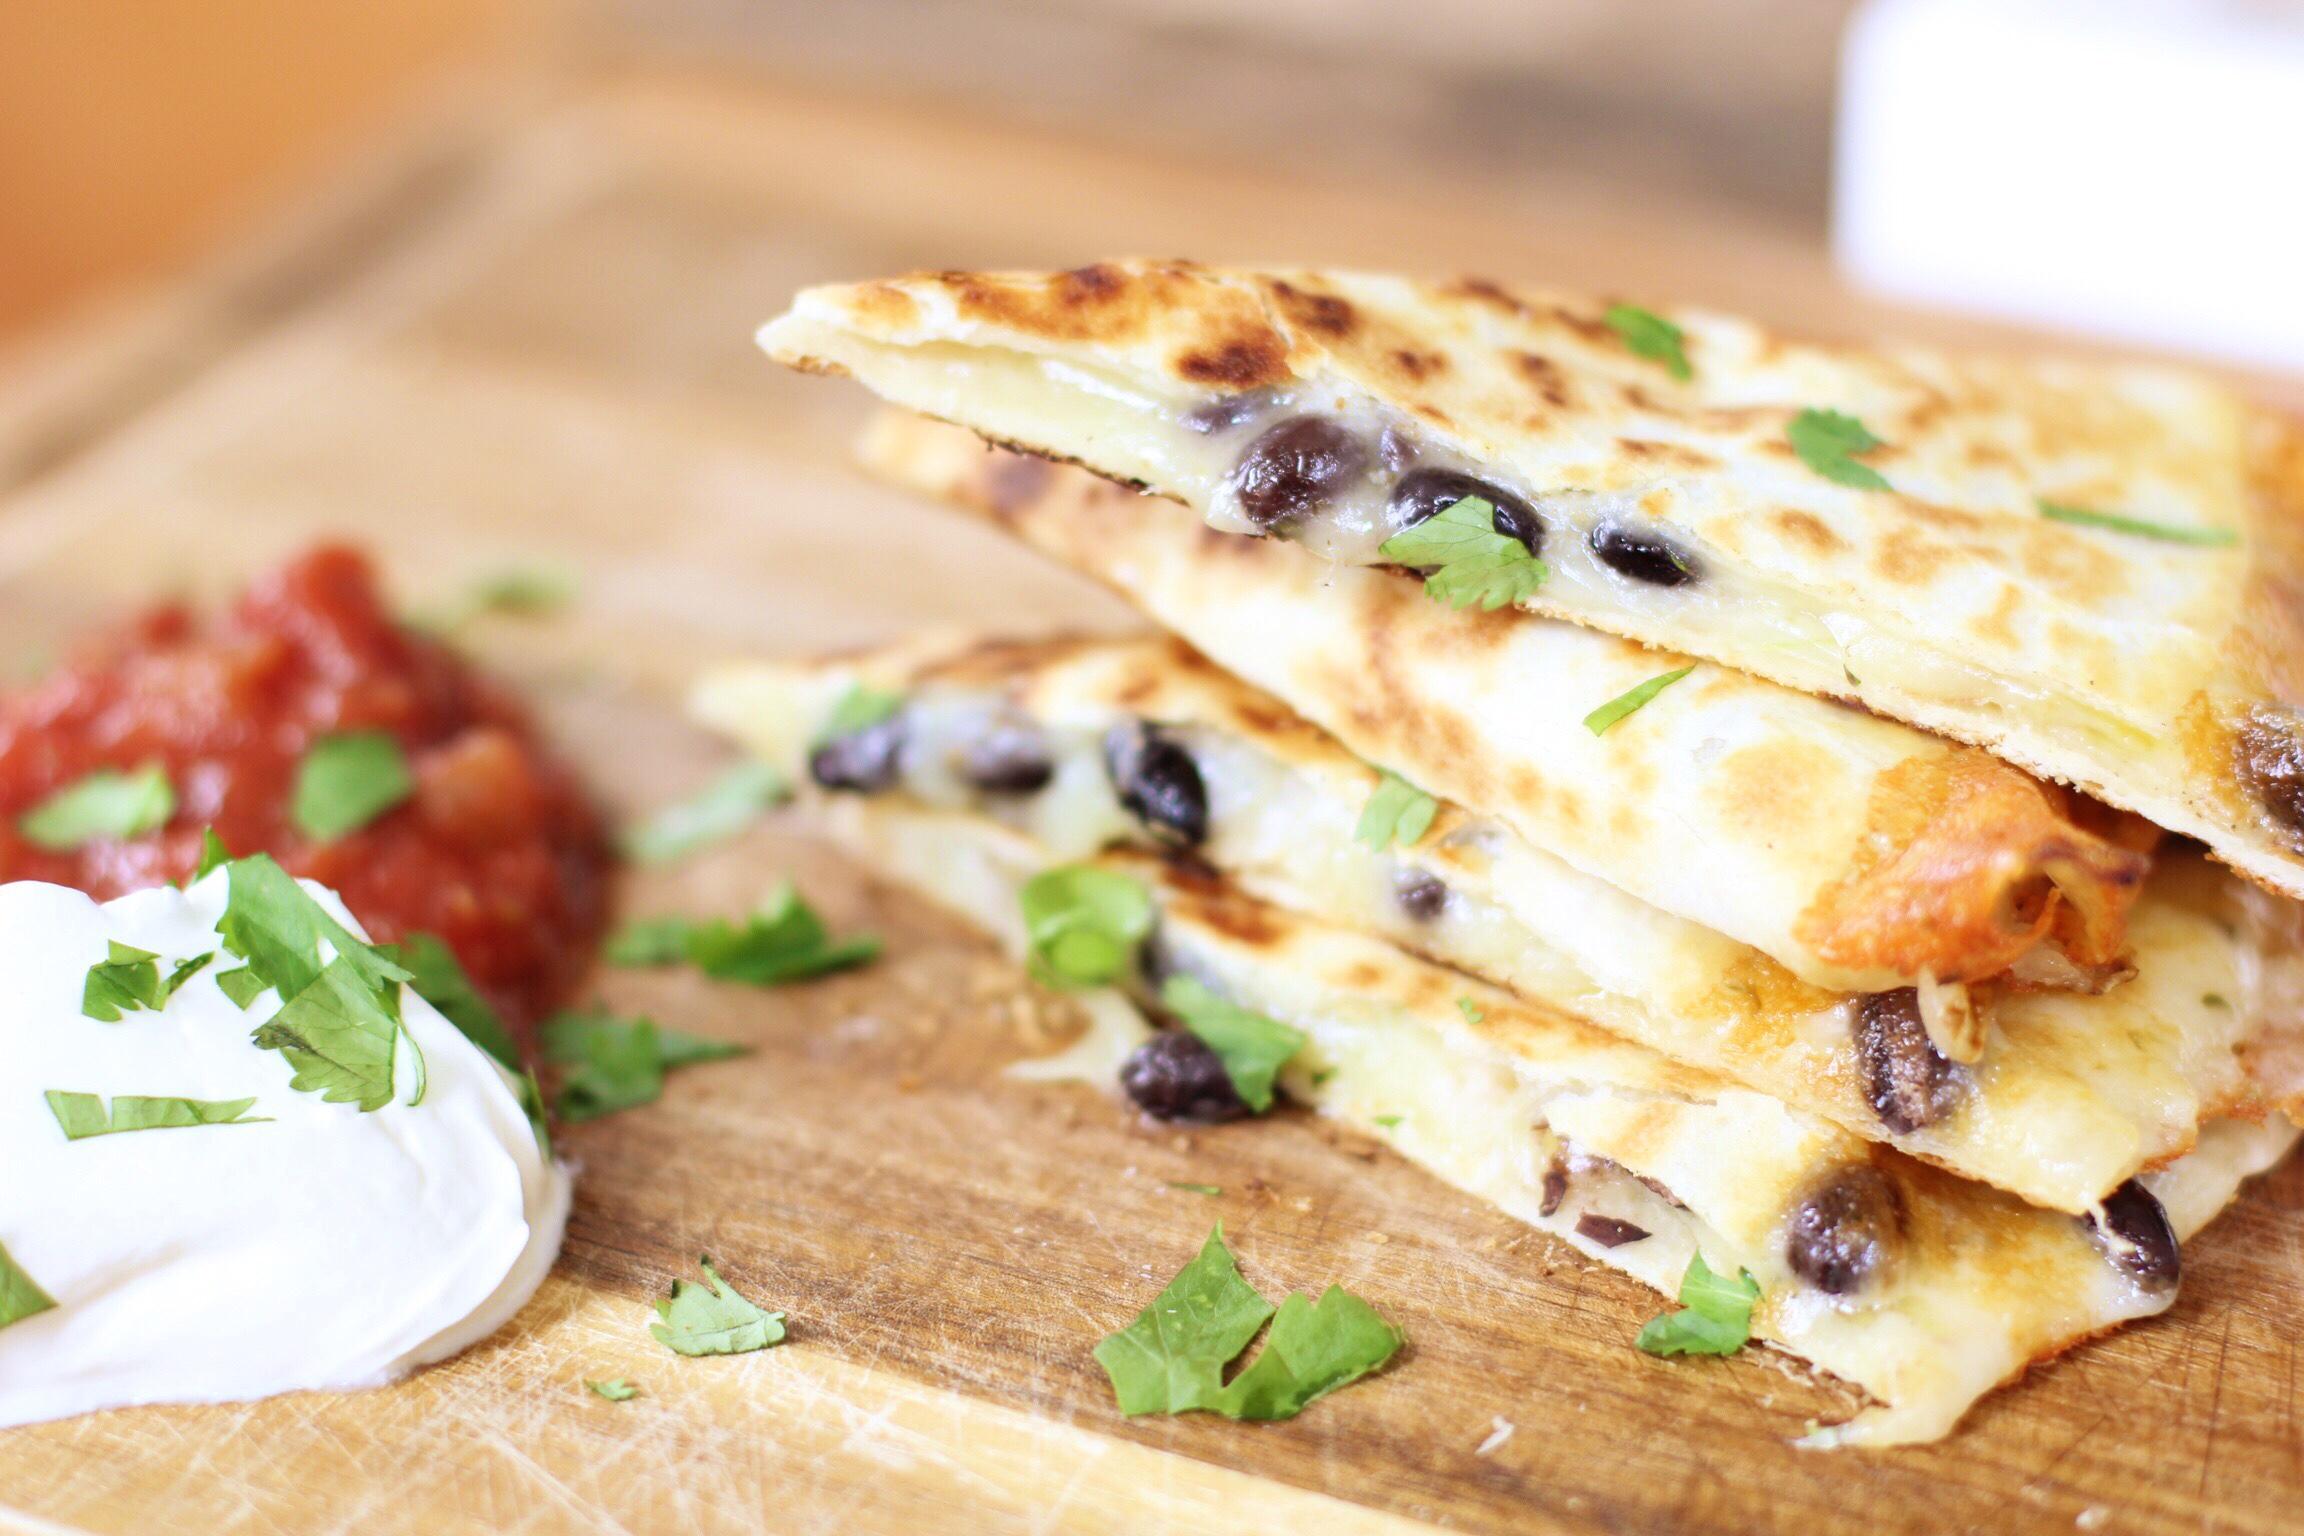 Crispy-cheese quesadilla - The Pastiche